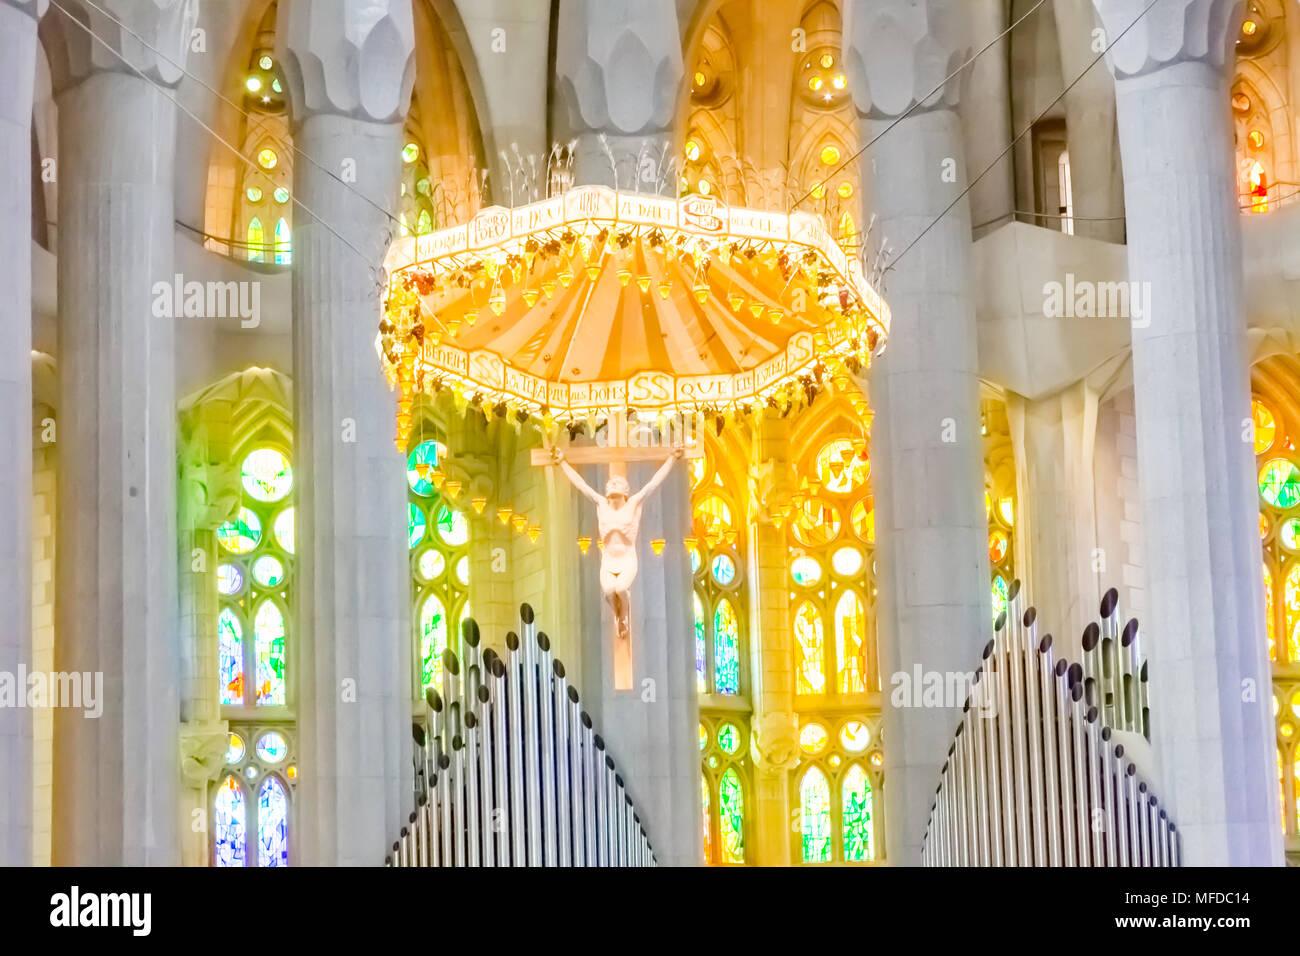 Barcelona/Spanien - 19. März 2015: Das Interieur der Kirche Sagrada Familia in Barcelona, entworfen von Antoni Gaudi. Stockbild